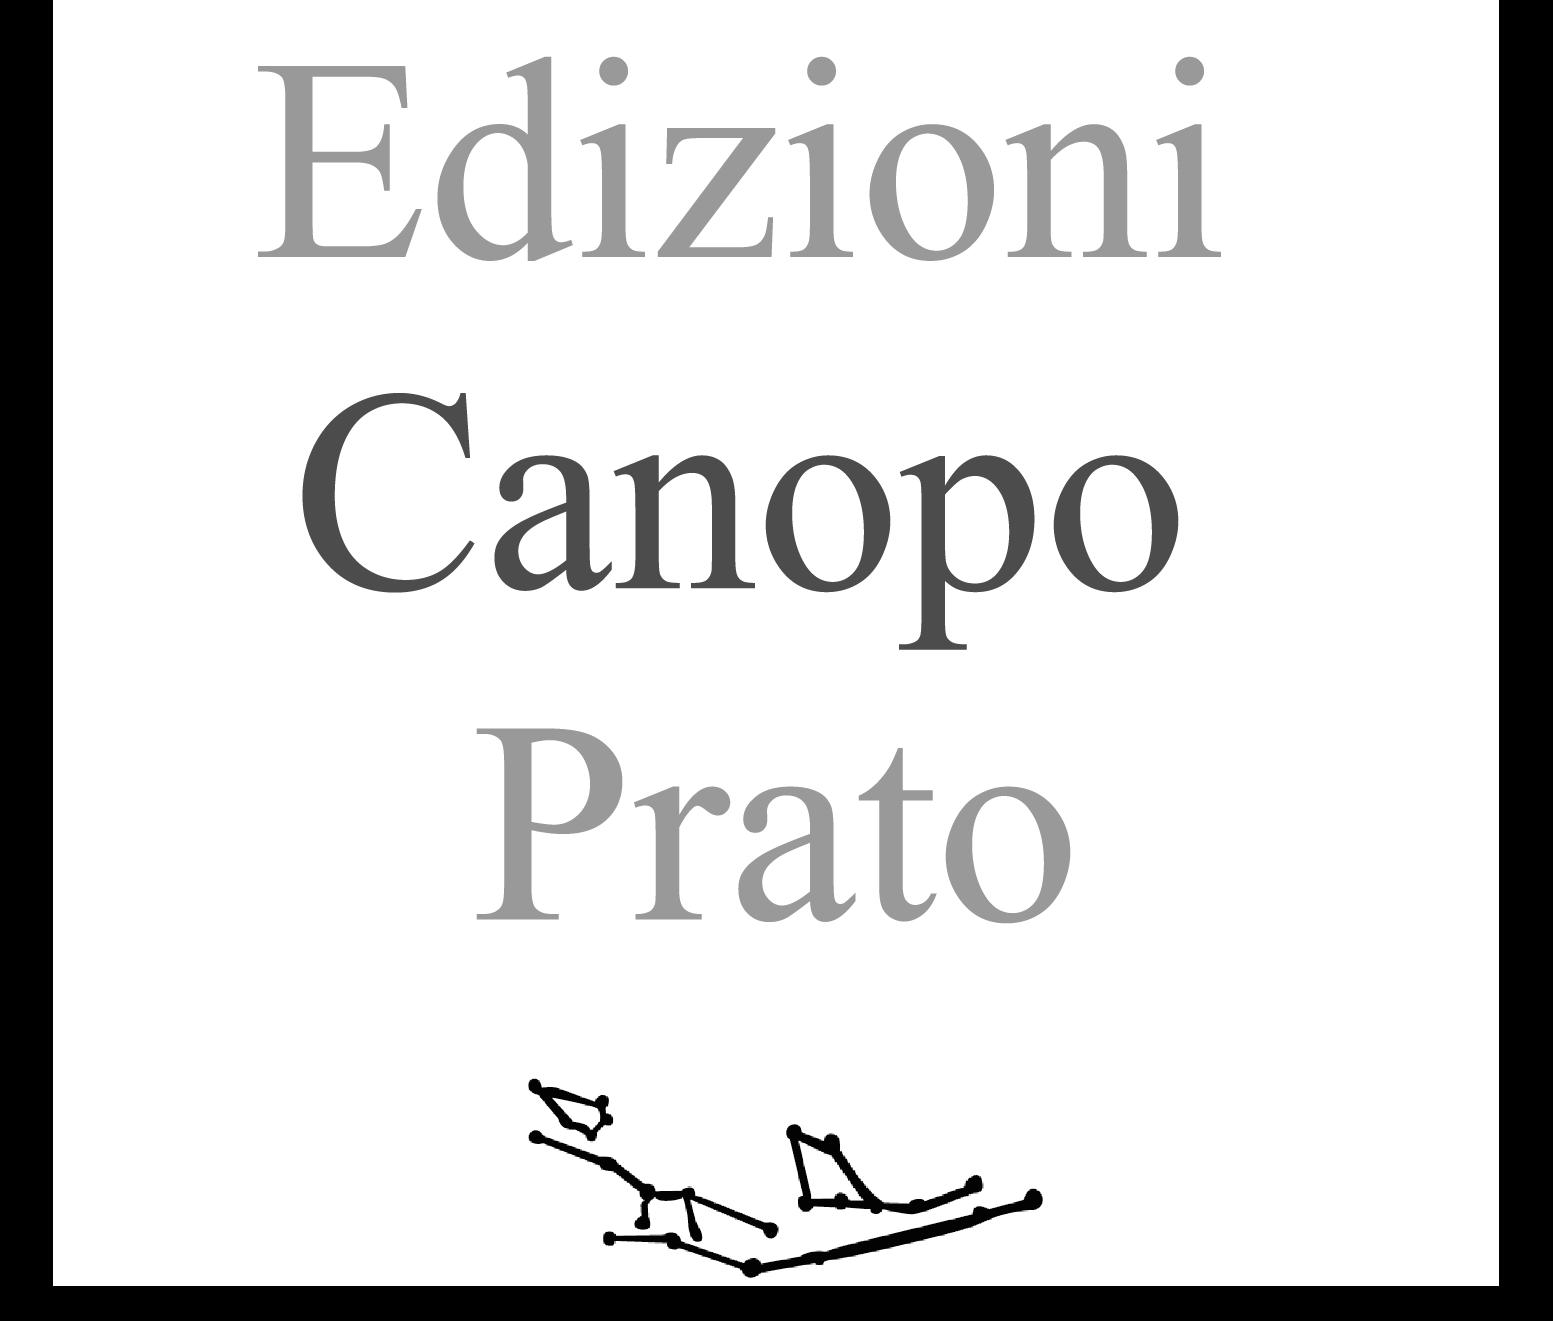 Edizioni Canopo Prato